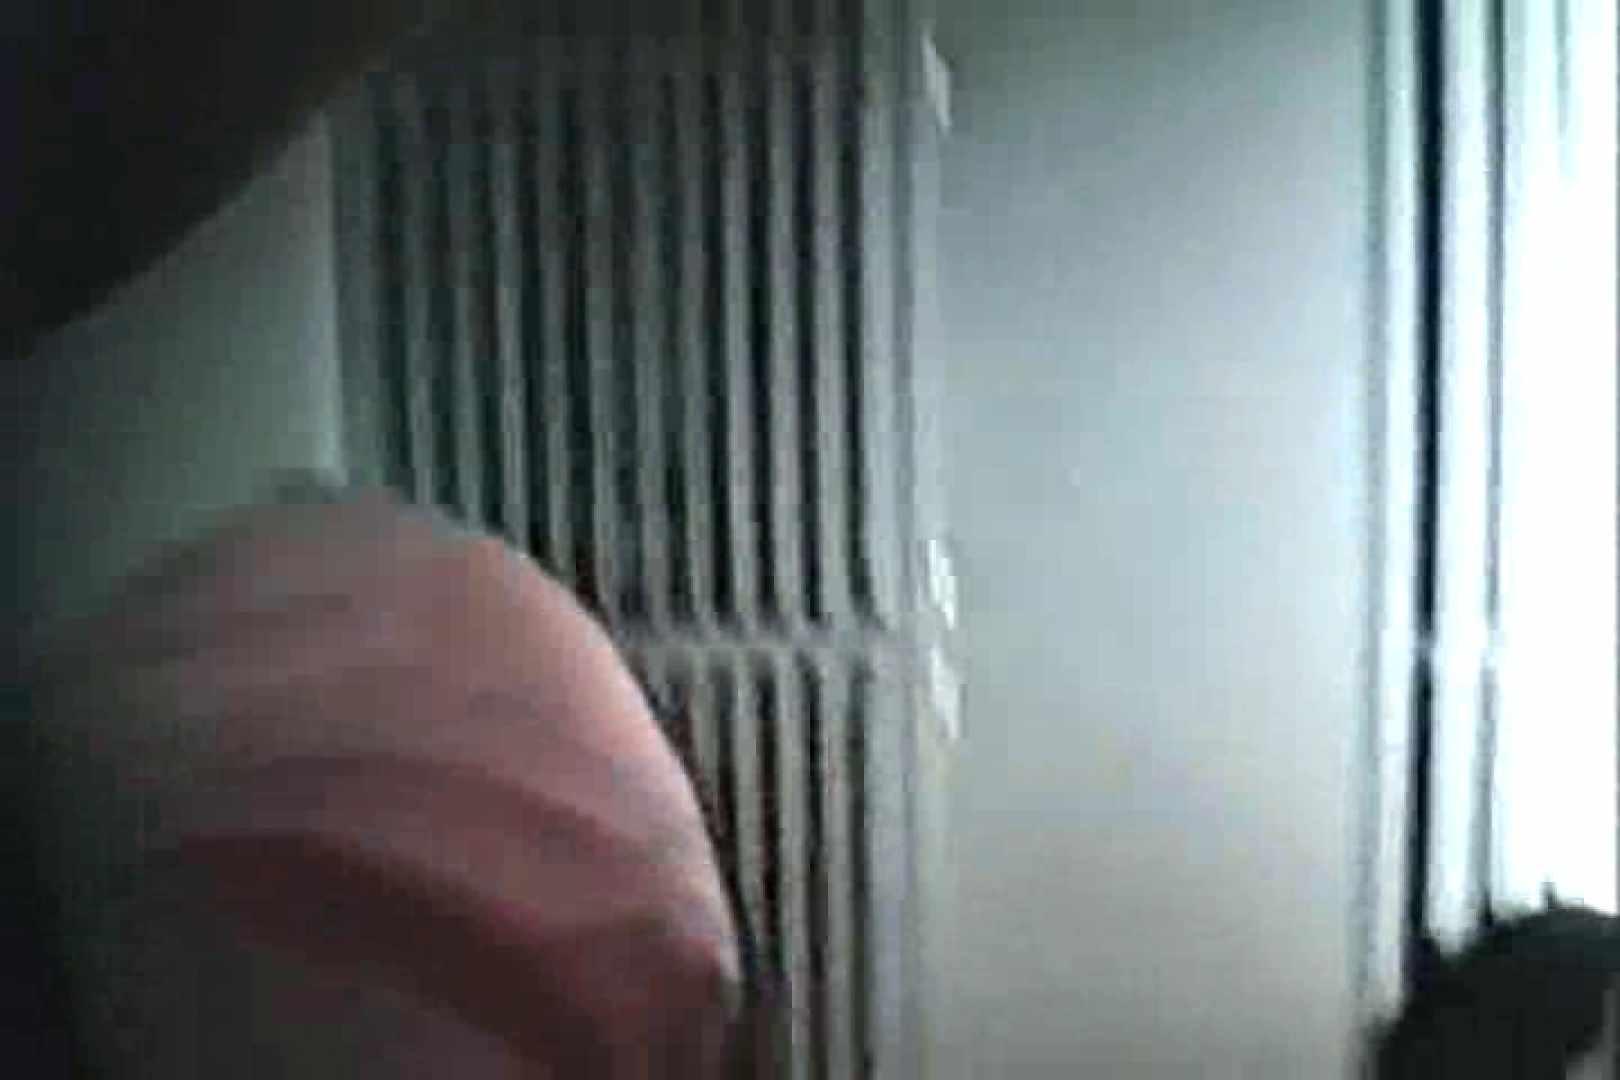 投稿盗撮 女子の下着の考察TK-043 パンチラのぞき | チラ  68画像 50